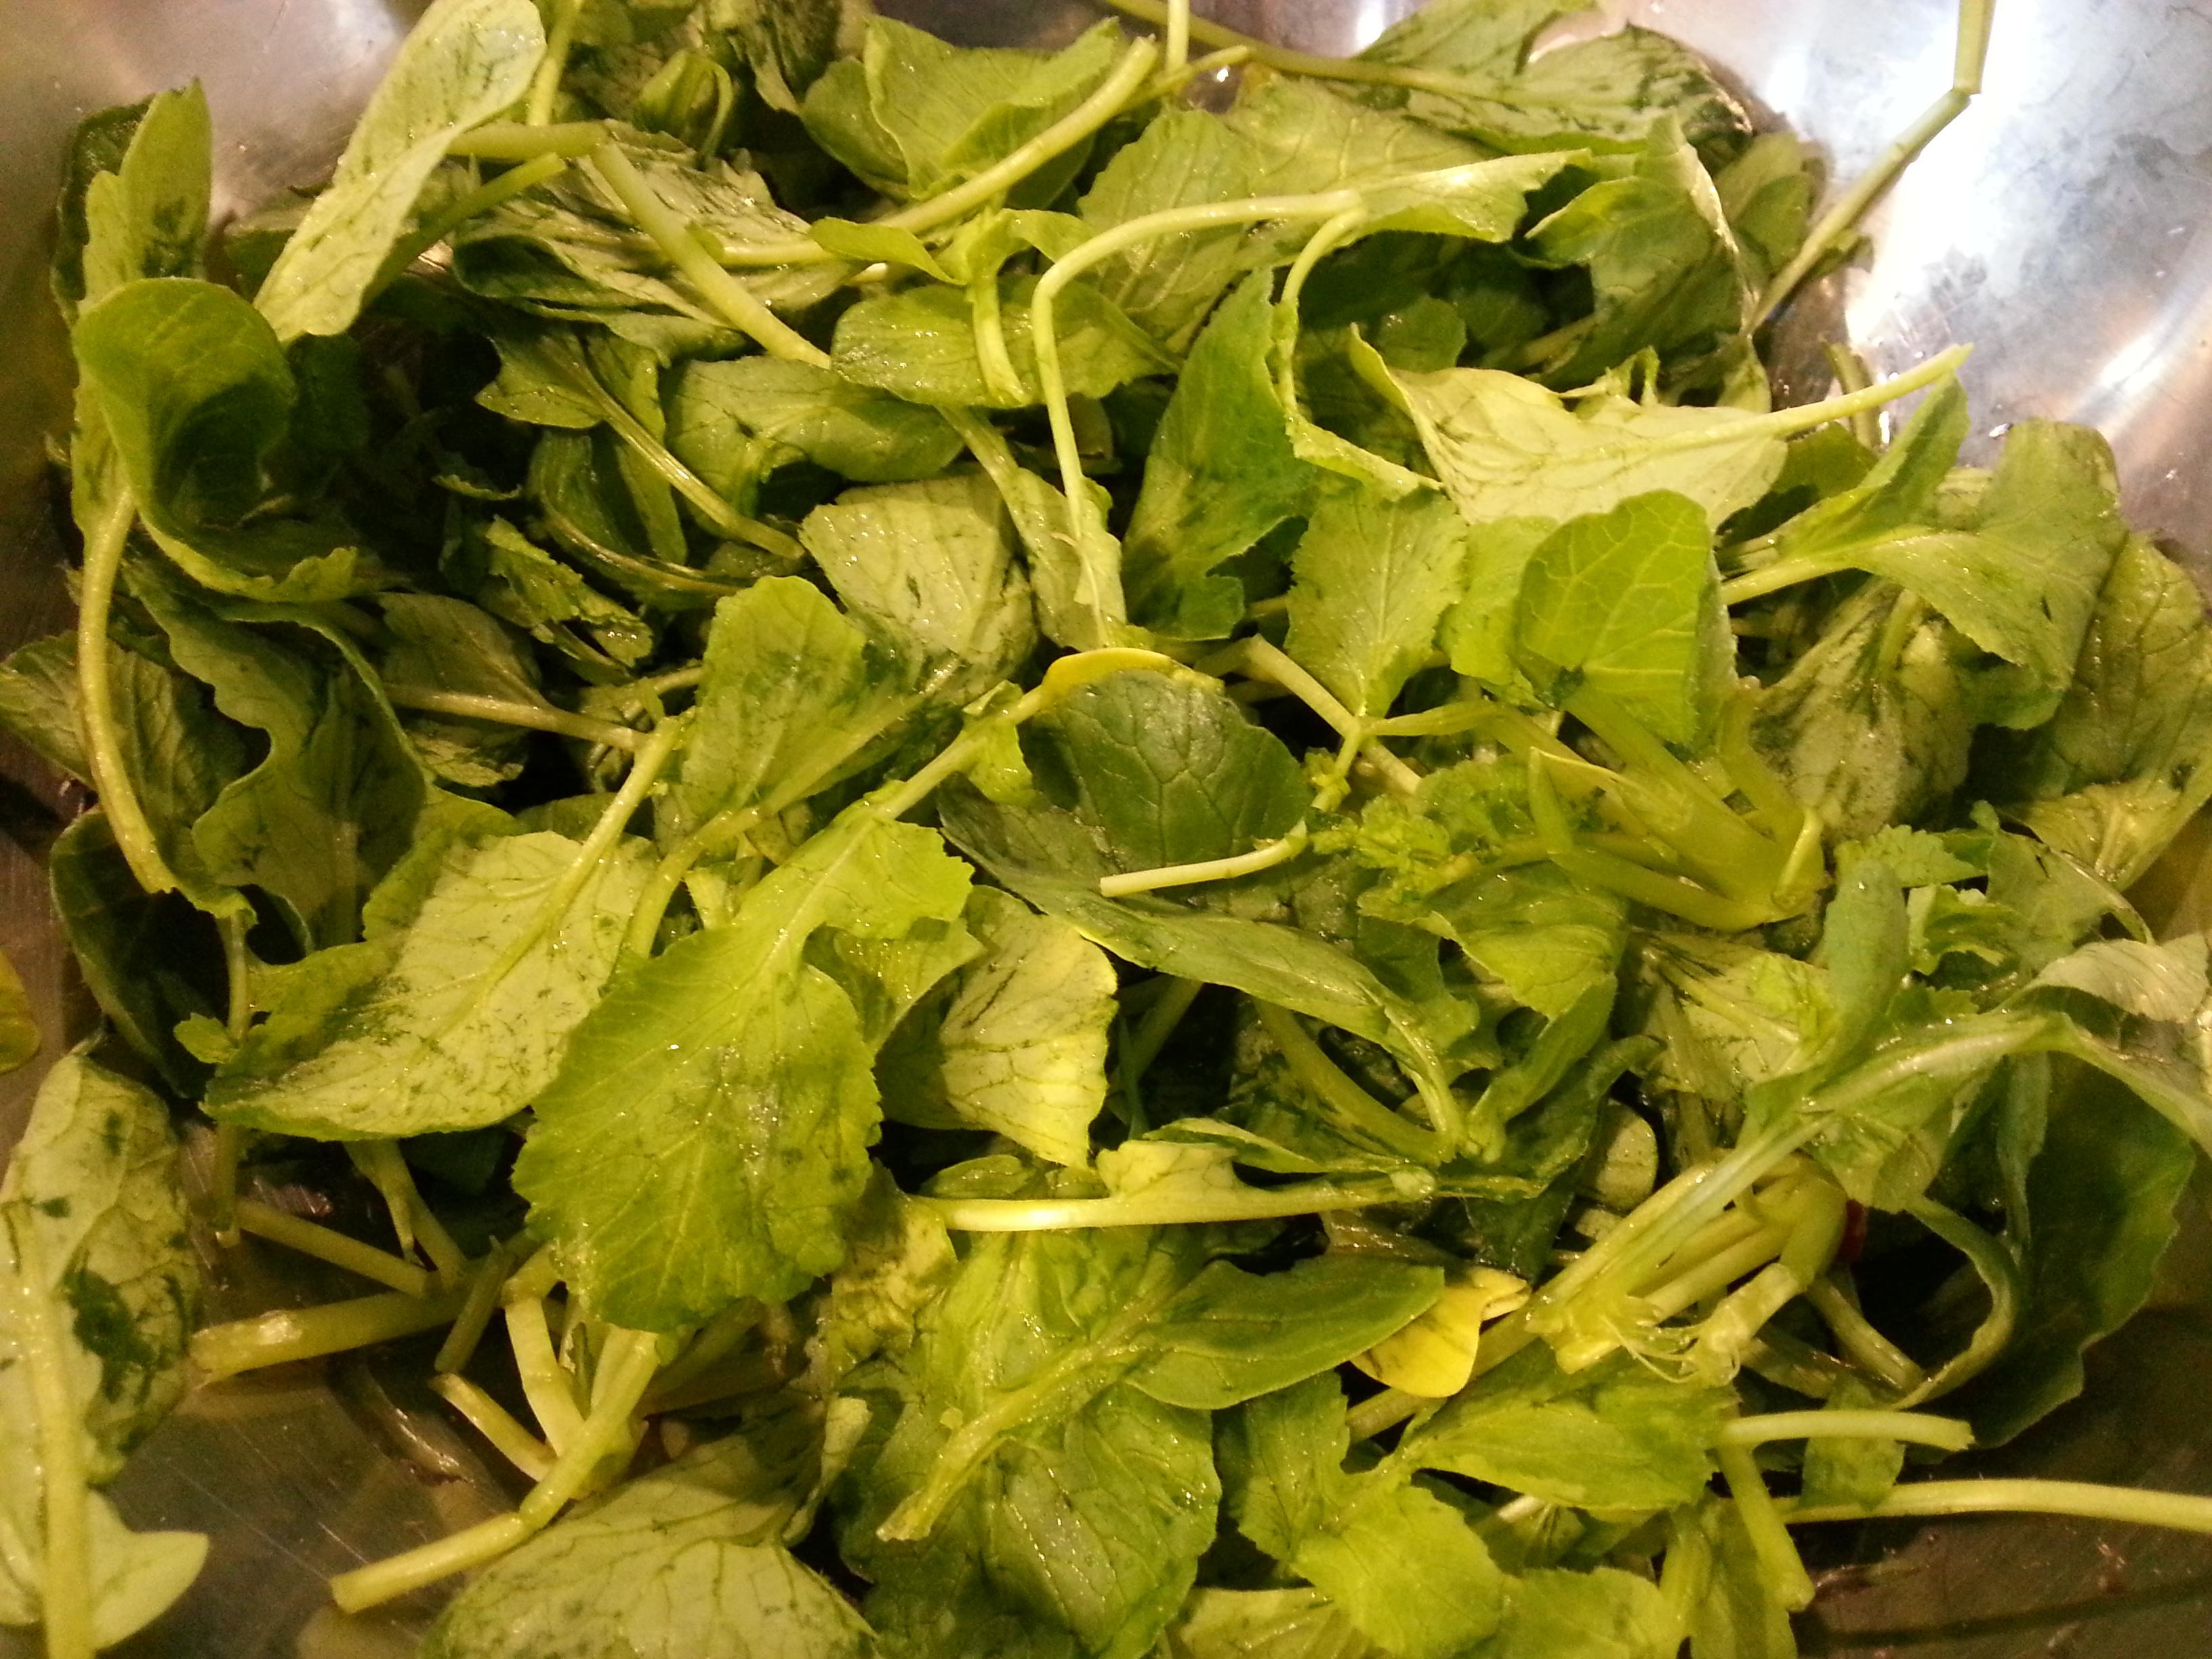 Le foglie di ravanello: come cucinarle